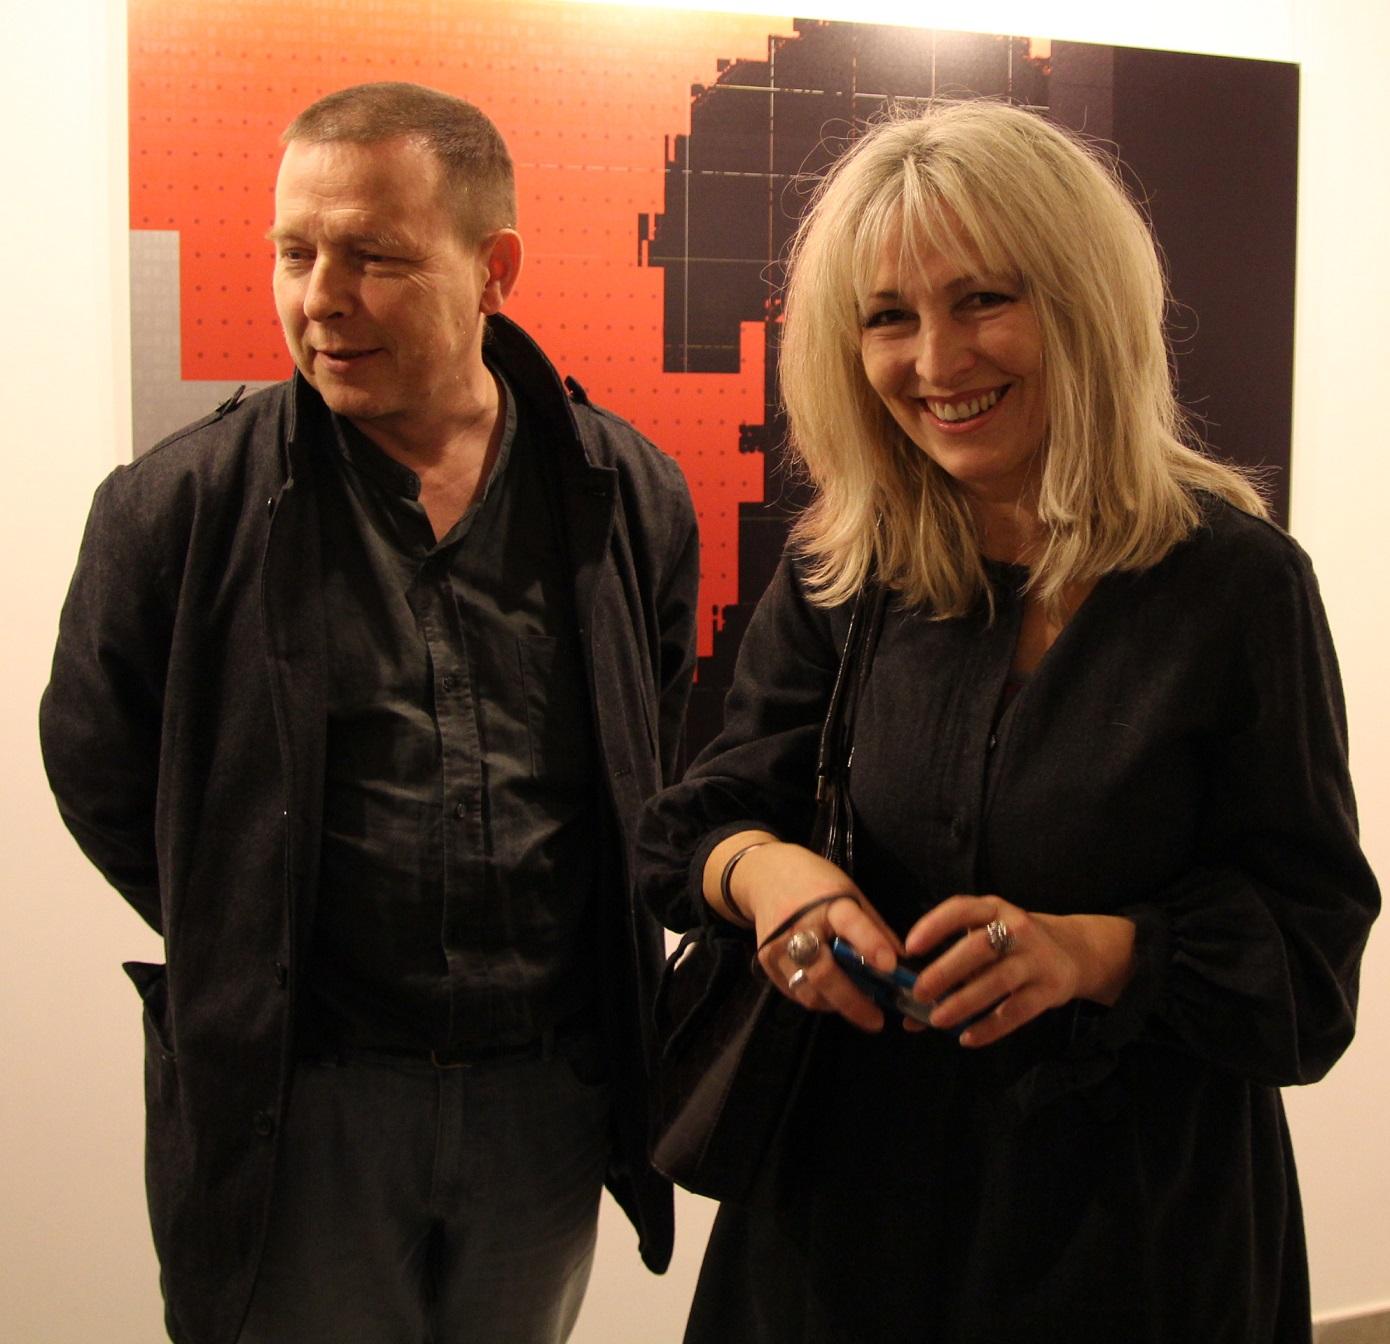 """Marta i Tomasz Zawadzcy, wernisaż wystawy """"Mirosław Pawłowski. Kamuflaż"""", listopad 2012 roku."""